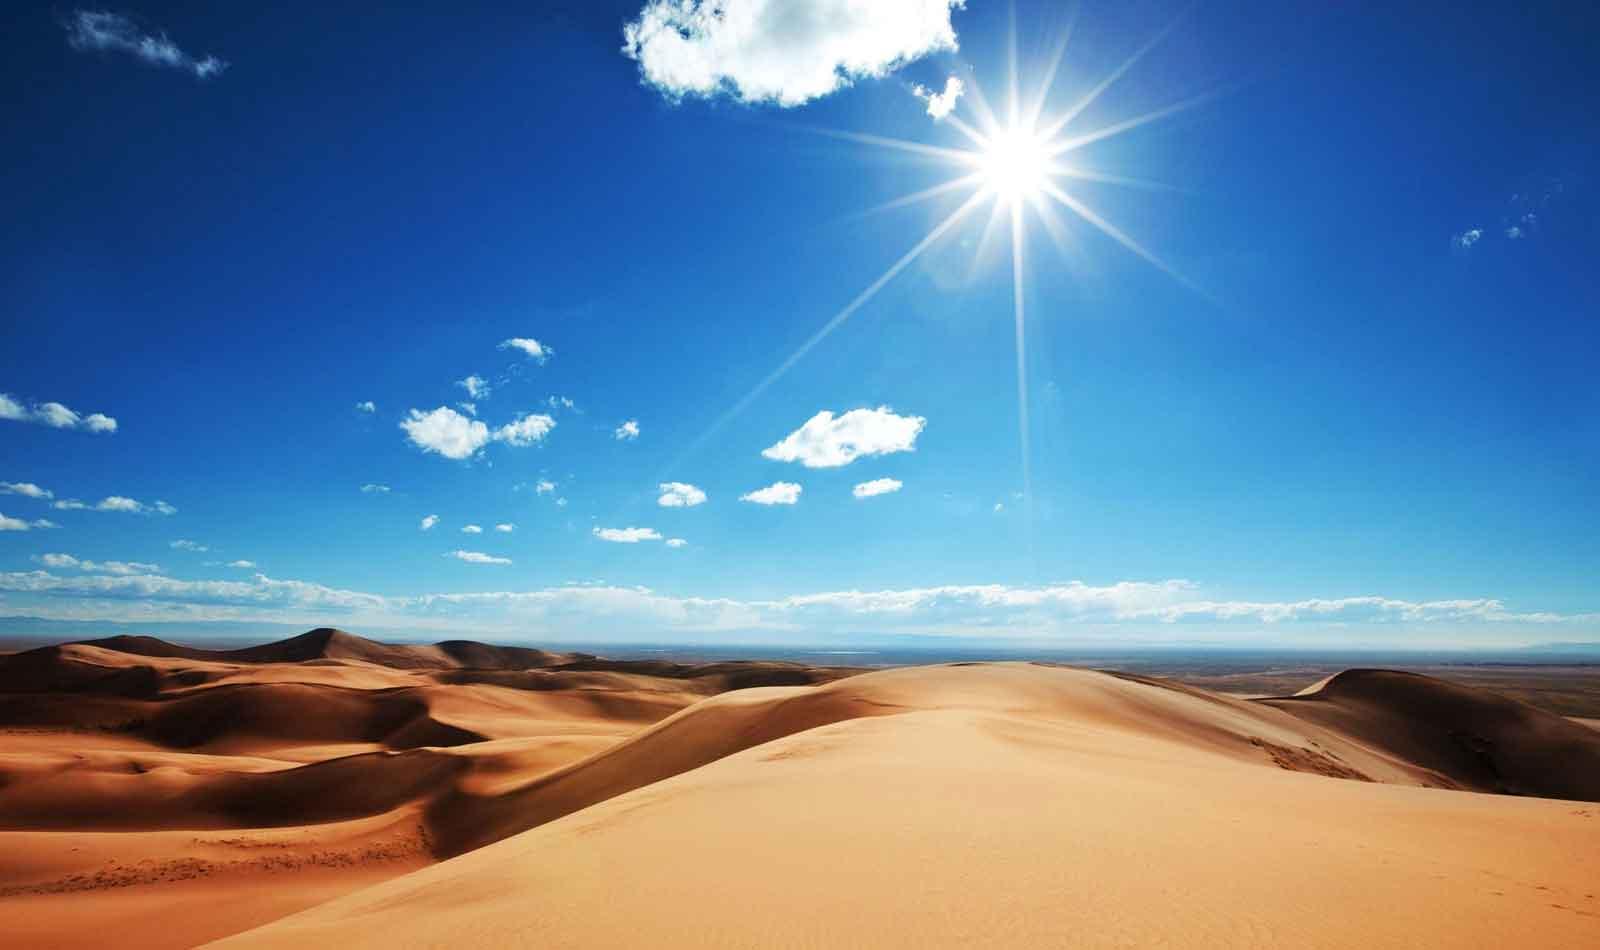 Morocco Marrakech Sahara desert trips Merzouga & Zagora desert